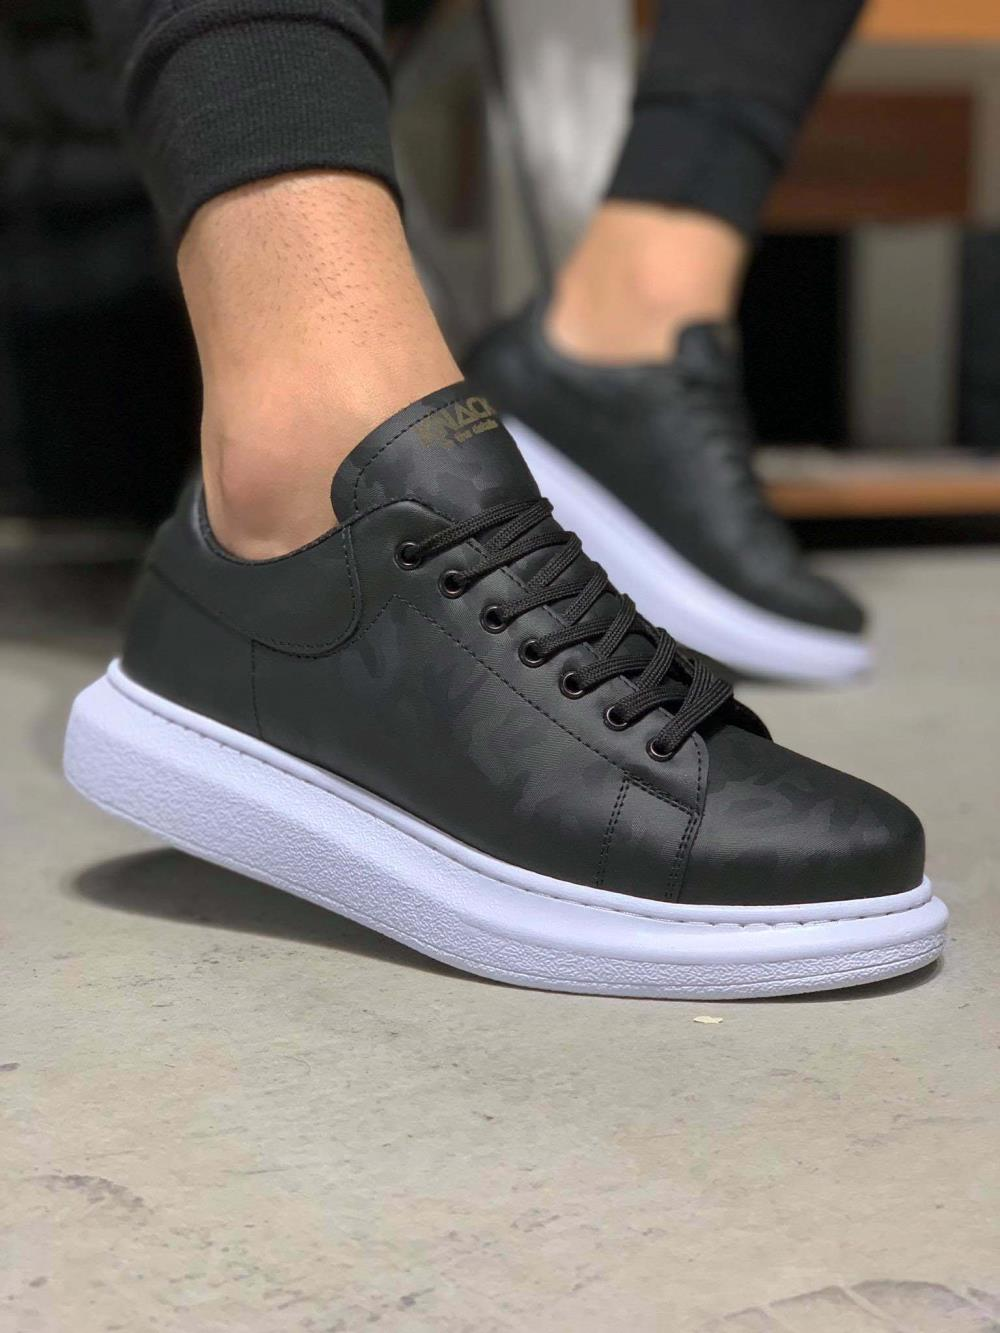 Knack Yüksek Taban Günlük Ayakkabı 044 Siyah Kamuflaj (Beyaz Taba